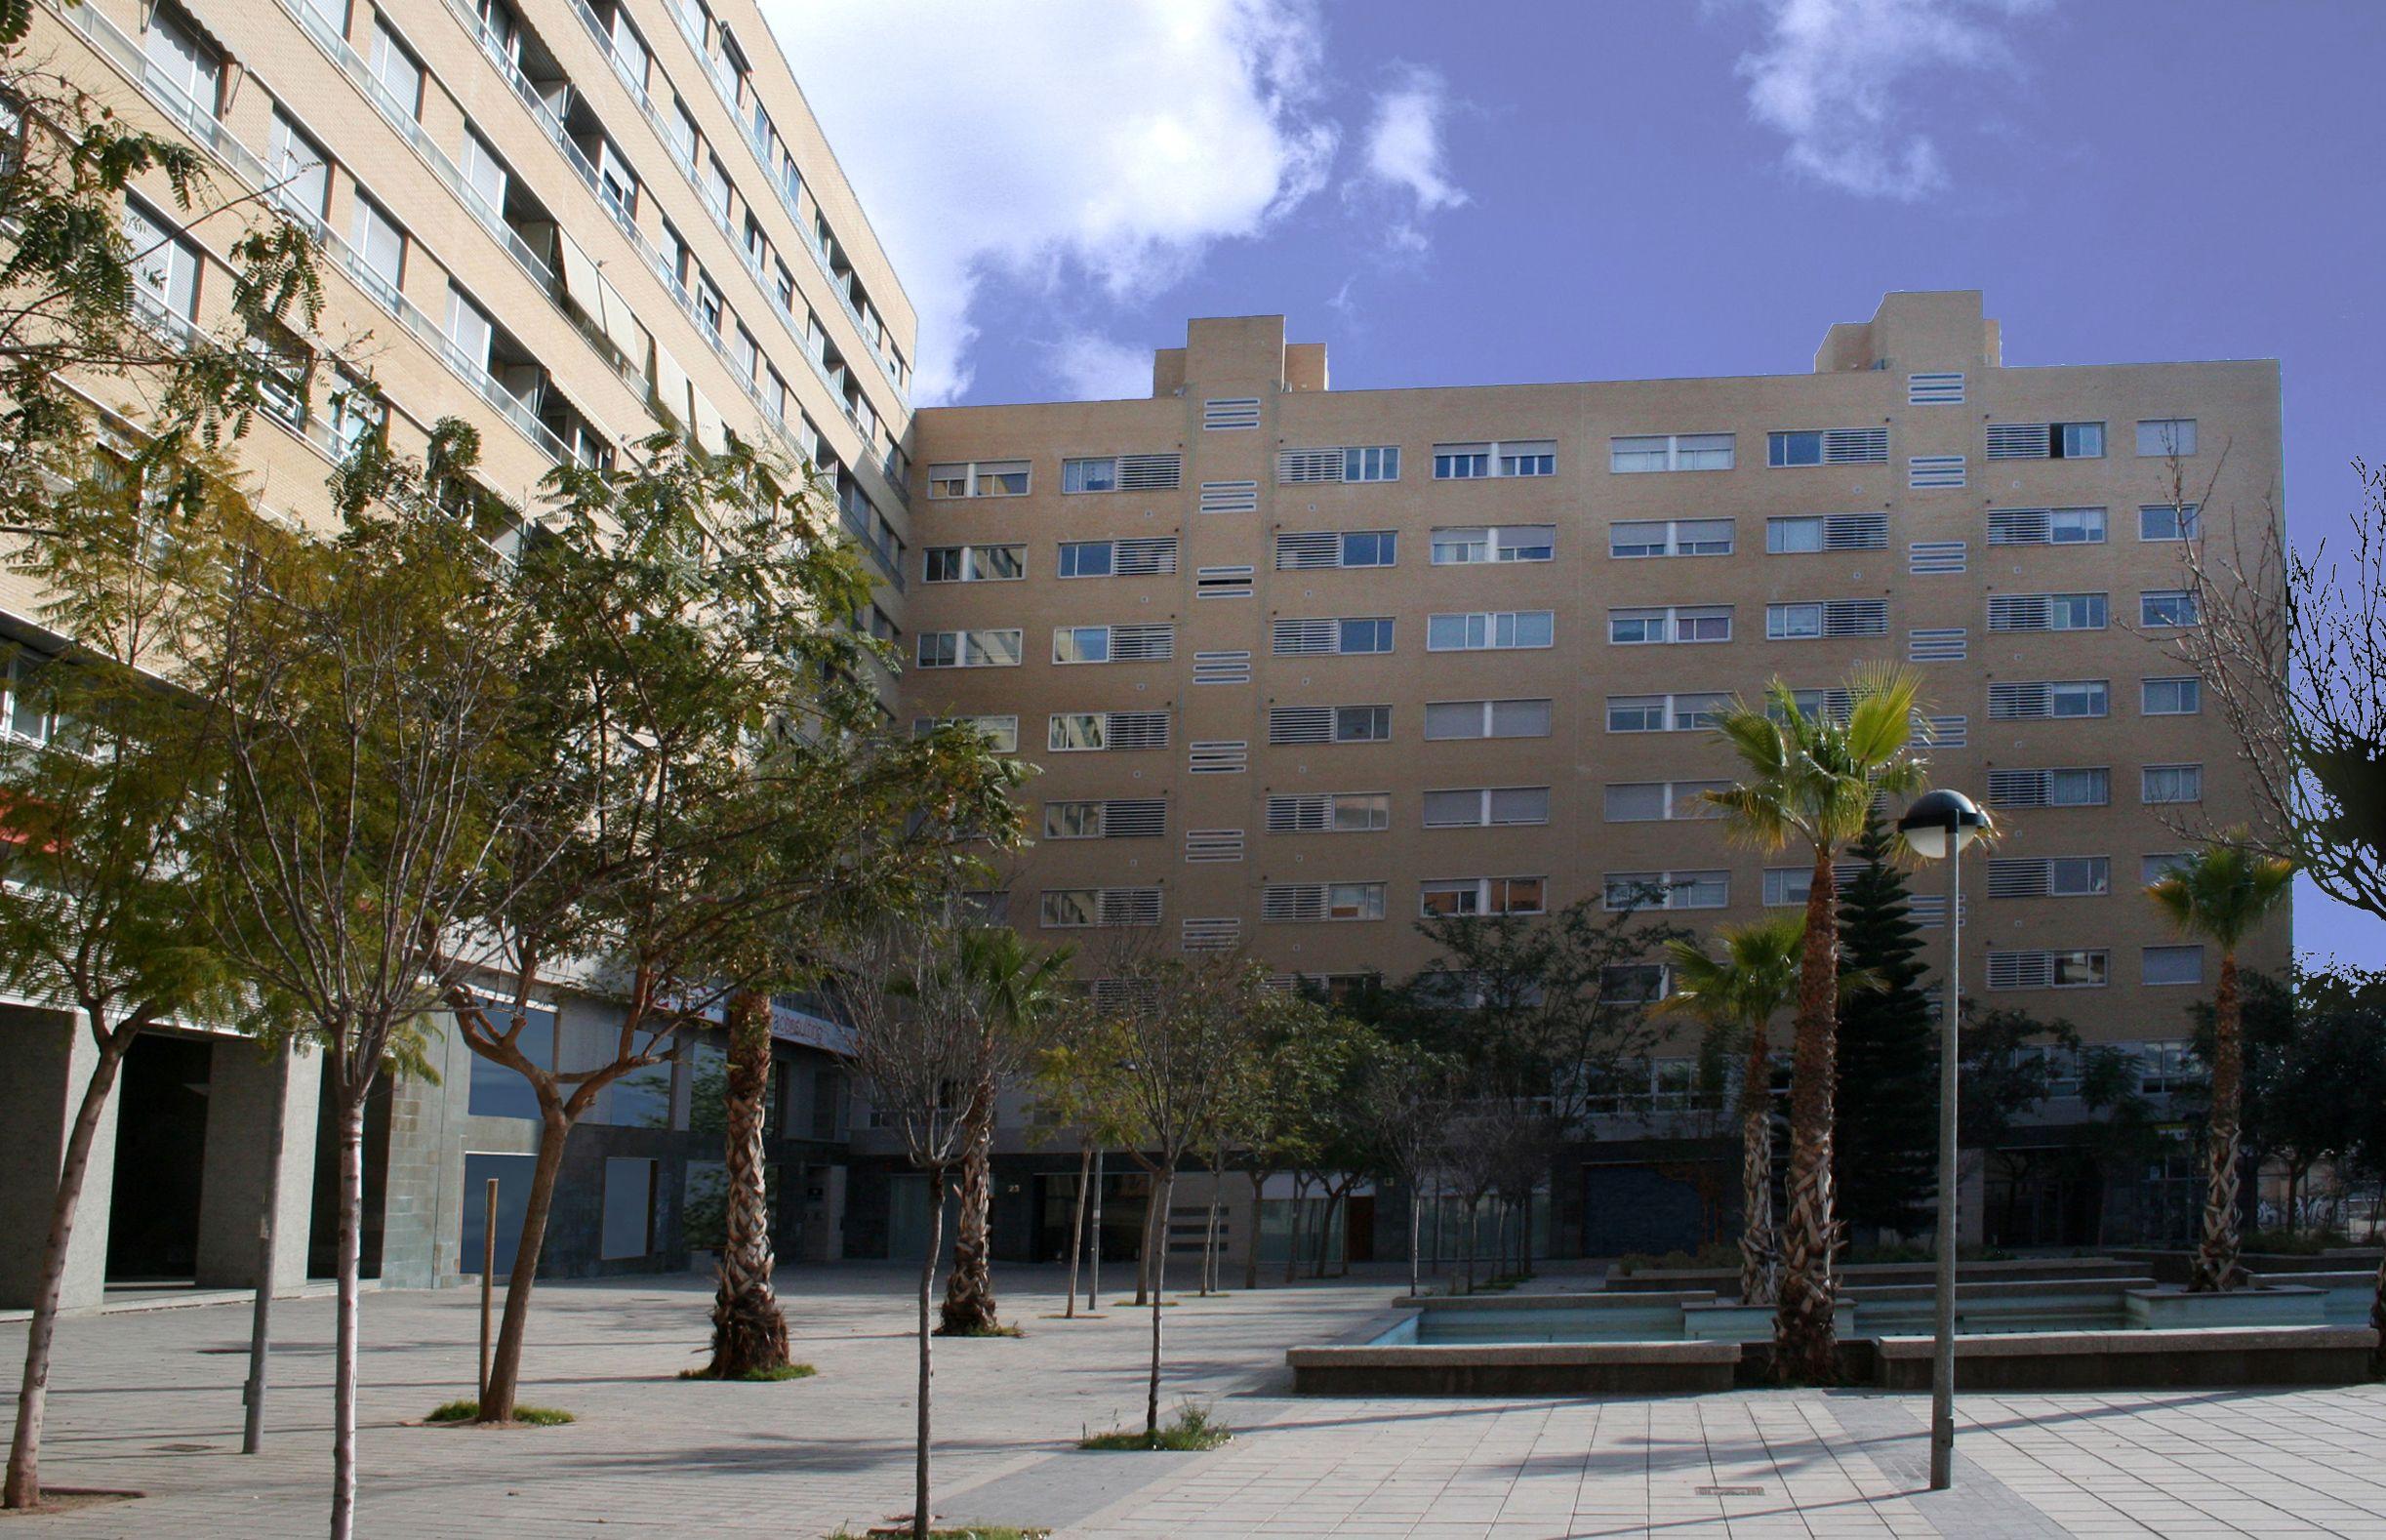 Edificio residencial Prasa en Avda.Oscar Esplá (Alicante)